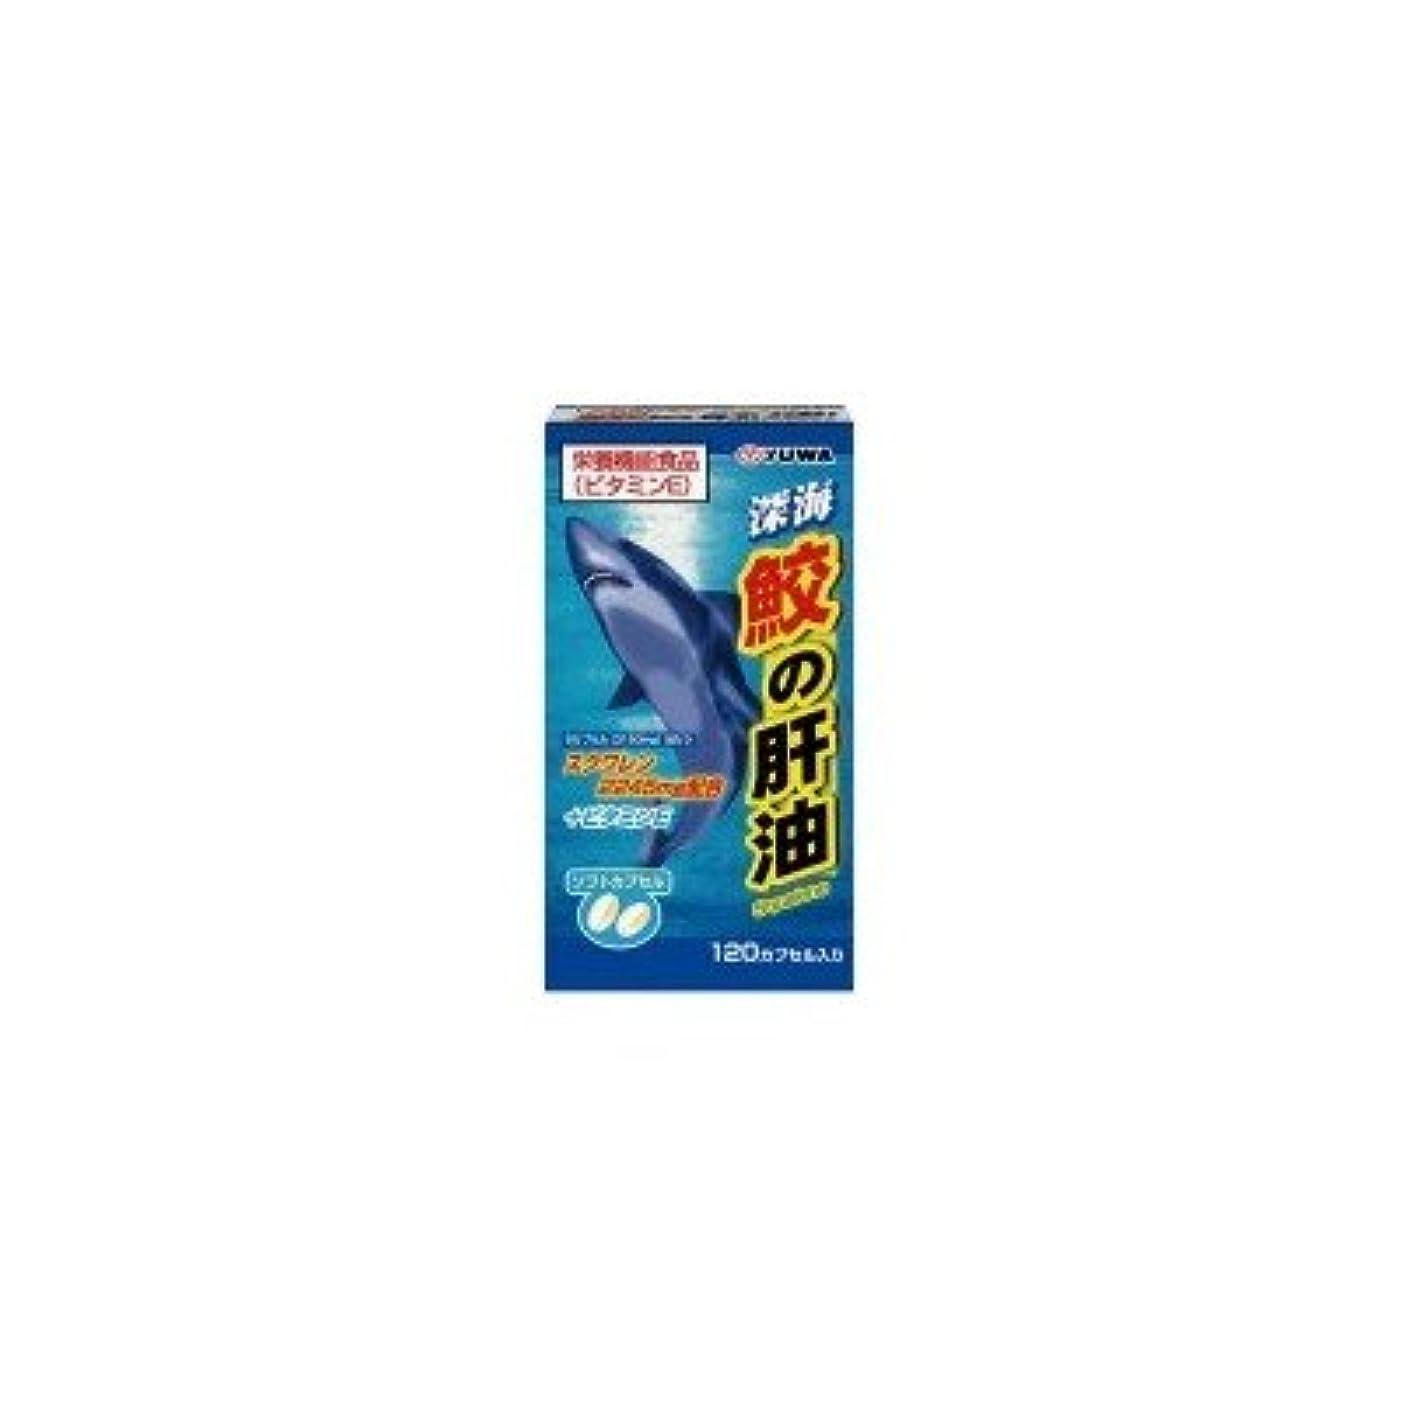 送料ジャーナル弱めるユーワ 深海鮫の肝油 栄養機能食品(ビタミンE) 120カプセル (品番:1869)